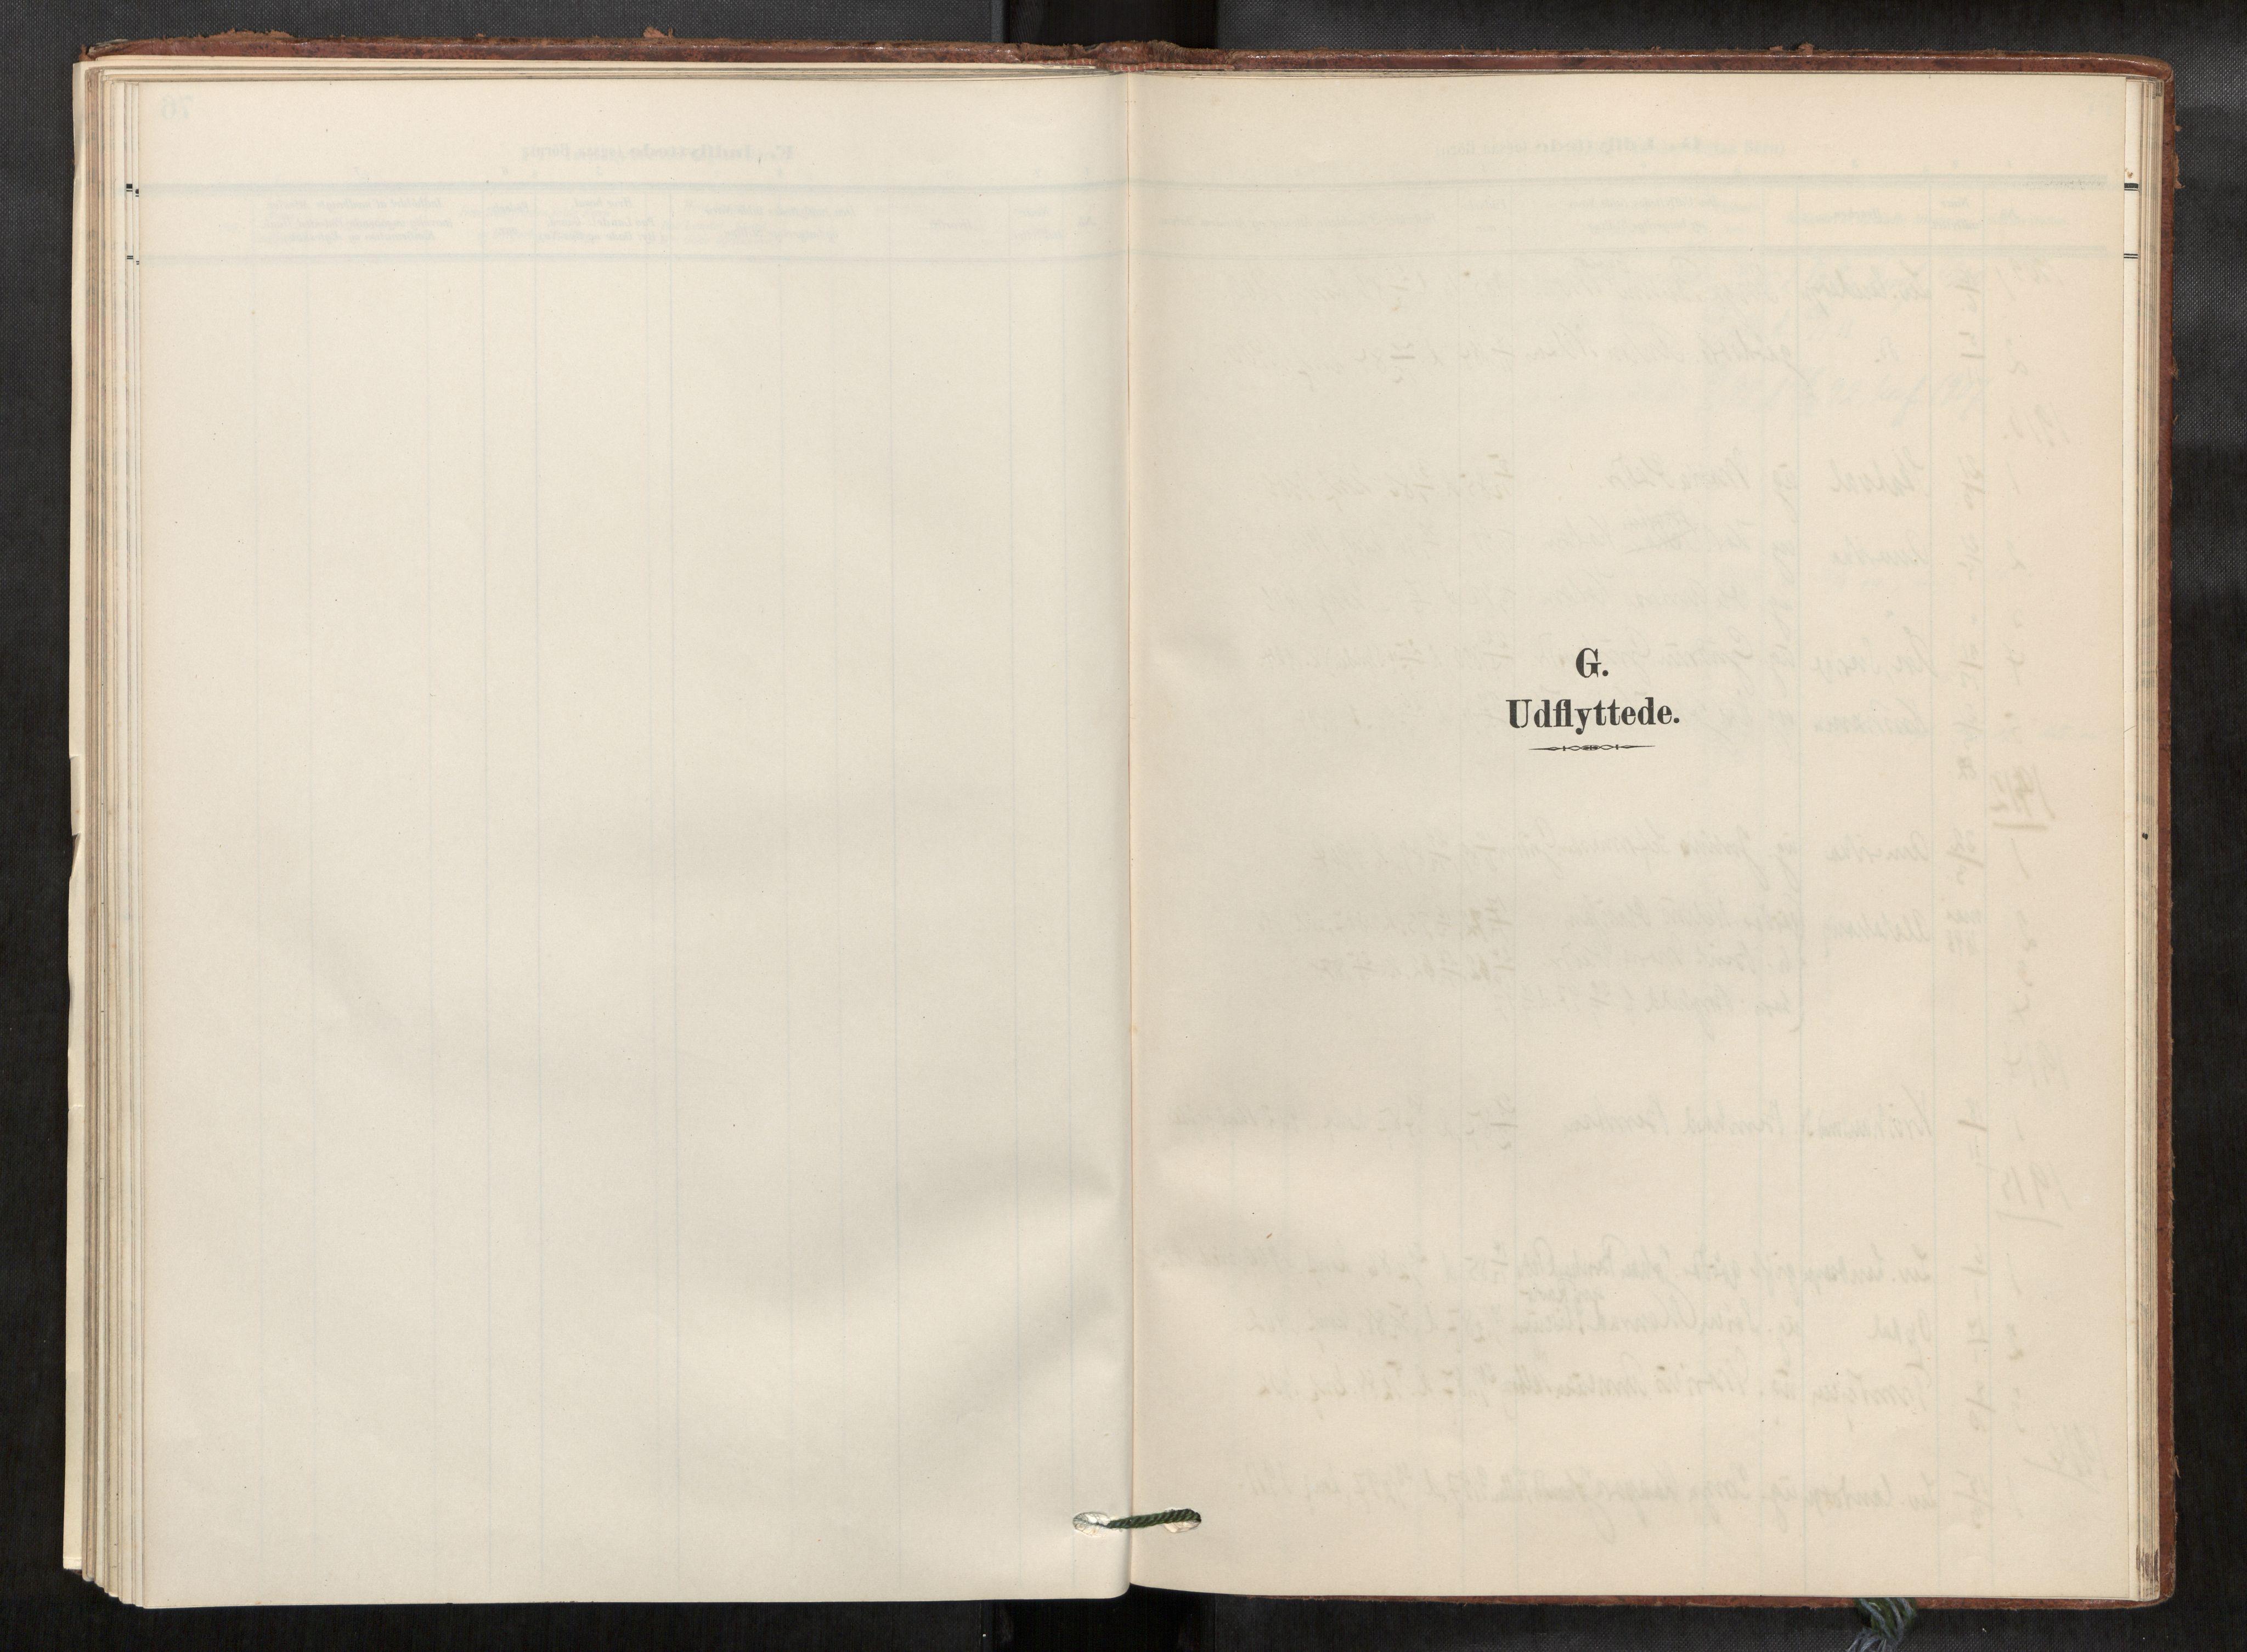 SAT, Verdal sokneprestkontor*, Parish register (official) no. 2, 1907-1921